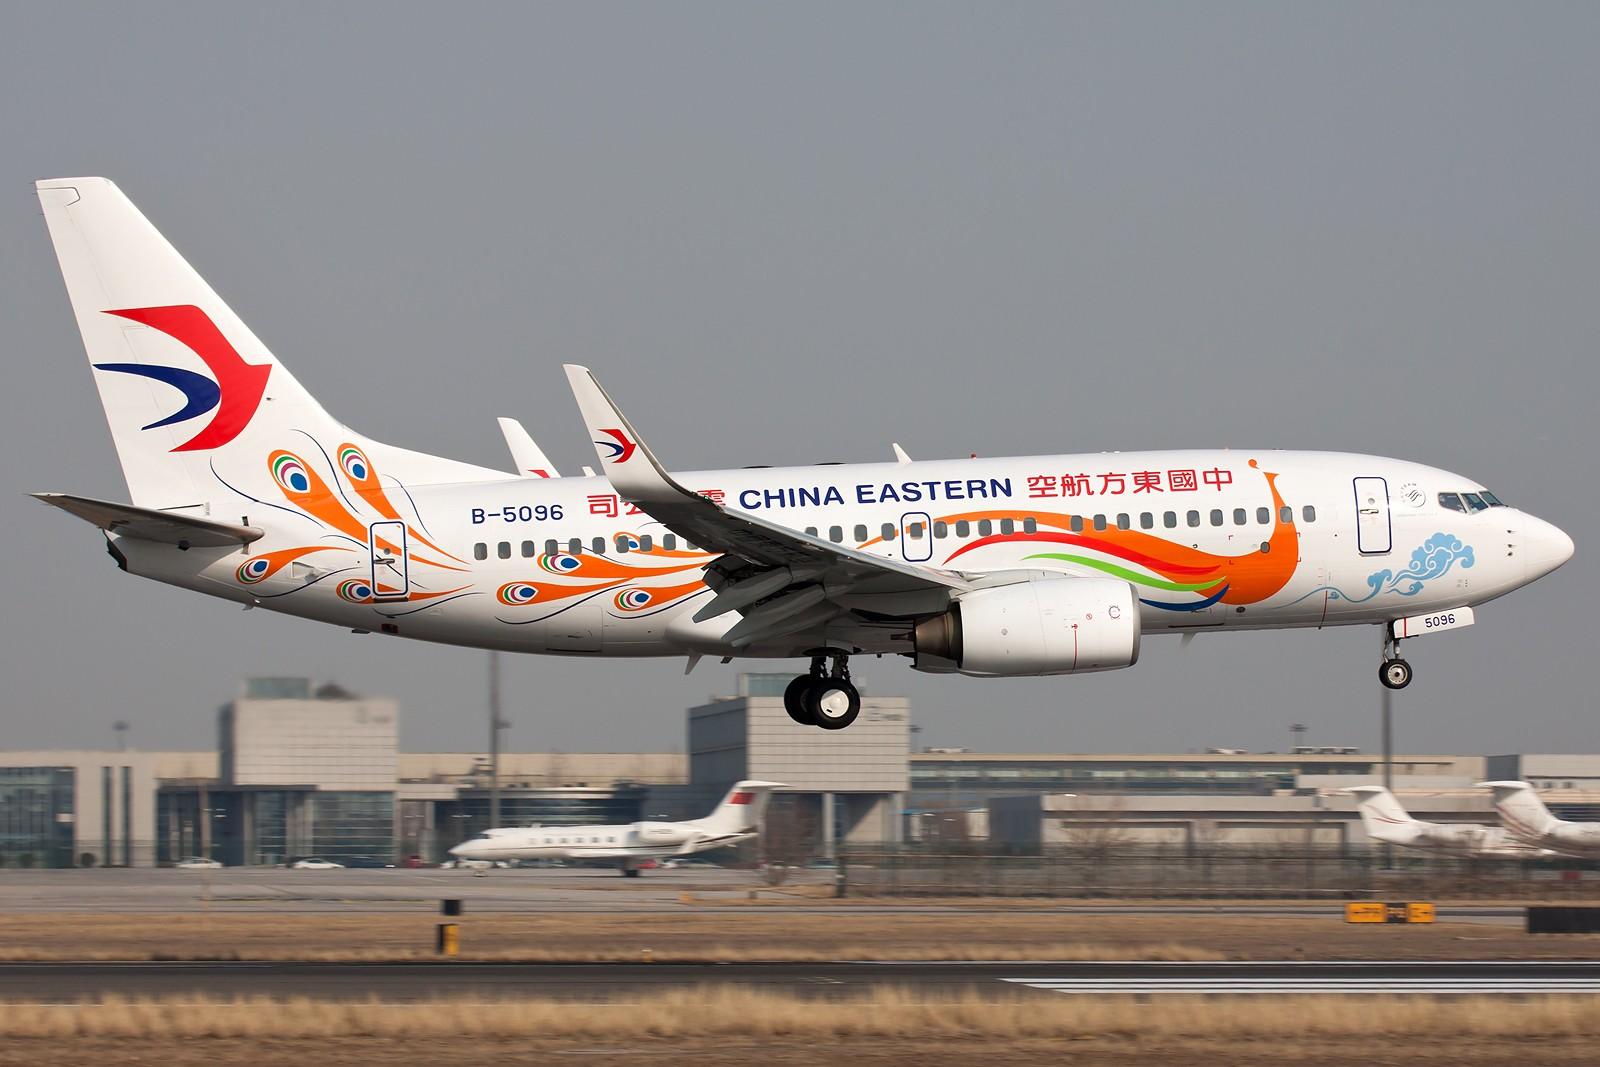 [原创]中国东方航空 B-5096 B737-700WL BOEING 737-700 B-5096 中国北京首都国际机场